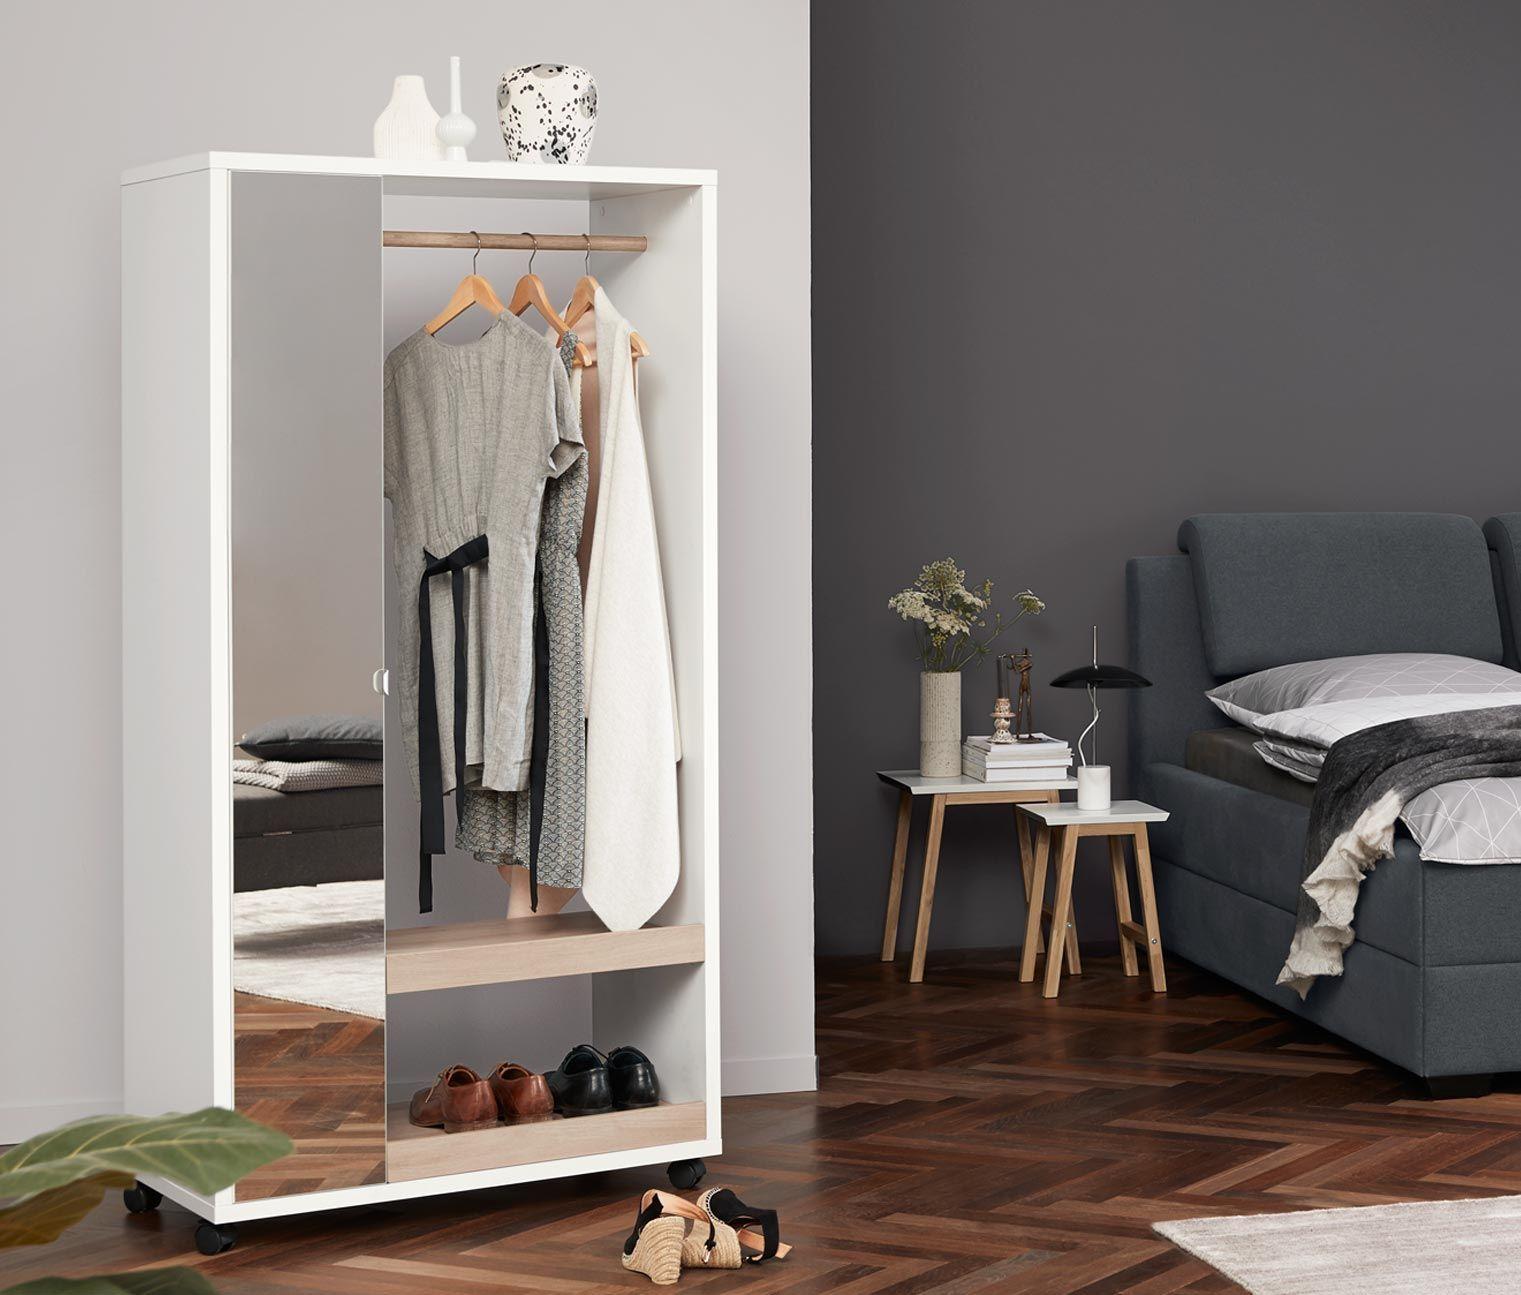 Mobile Spiegelschrank Garderobe Spiegelschrank Haus Deko Schrank